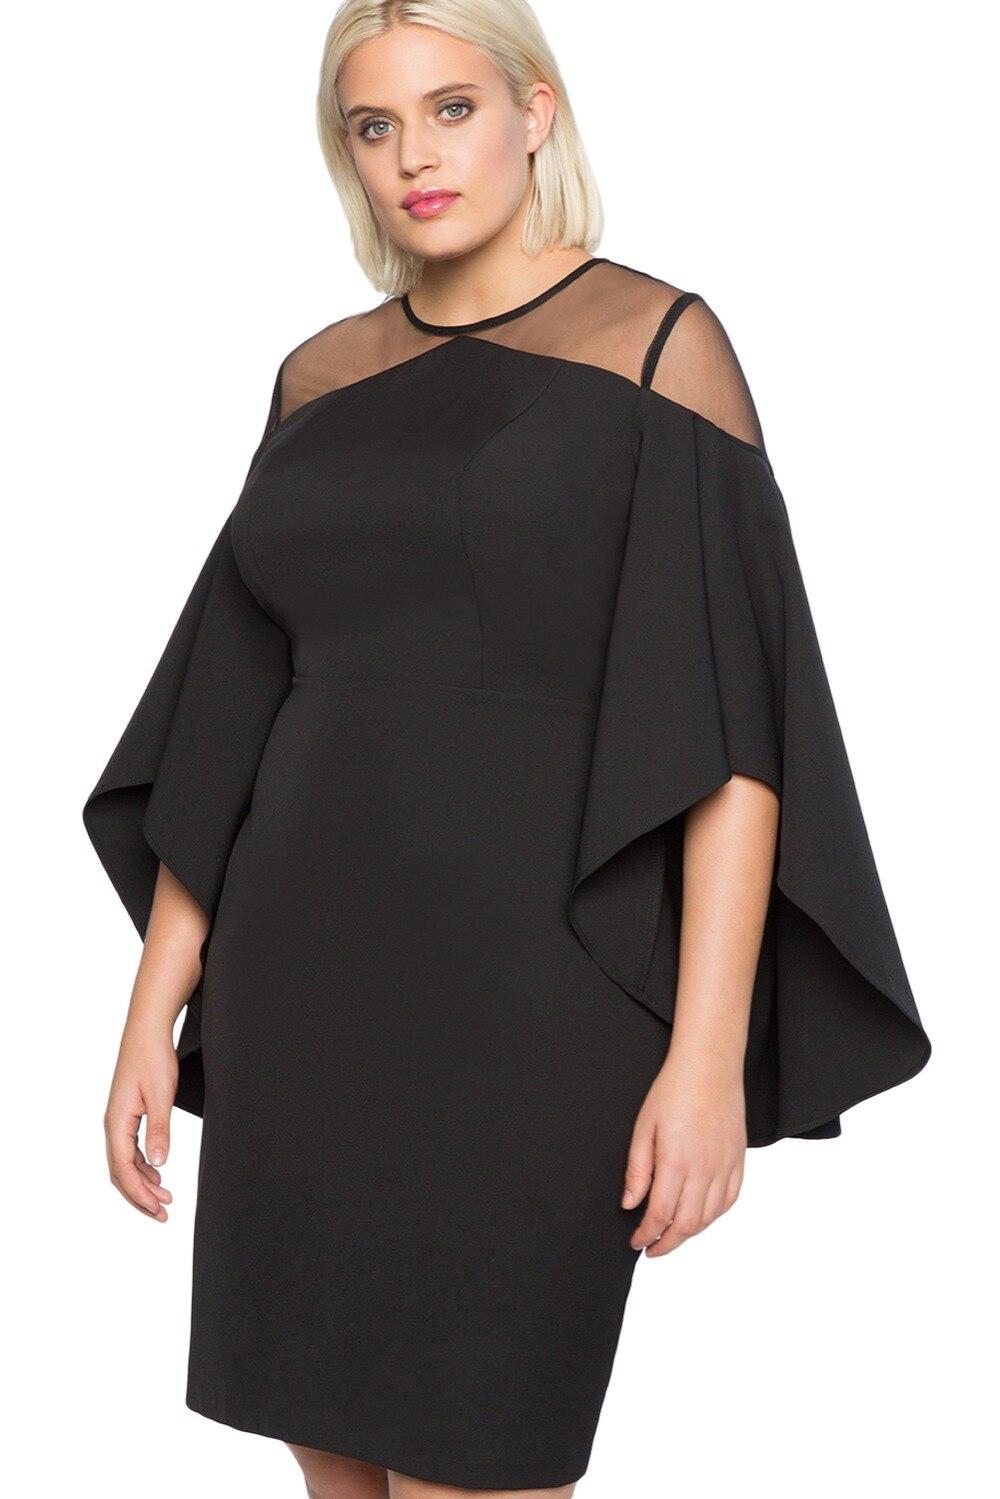 Black-Mesh-Illusion-Cold-Shoulder-Plus-Size-Dress-LC220395-2-2